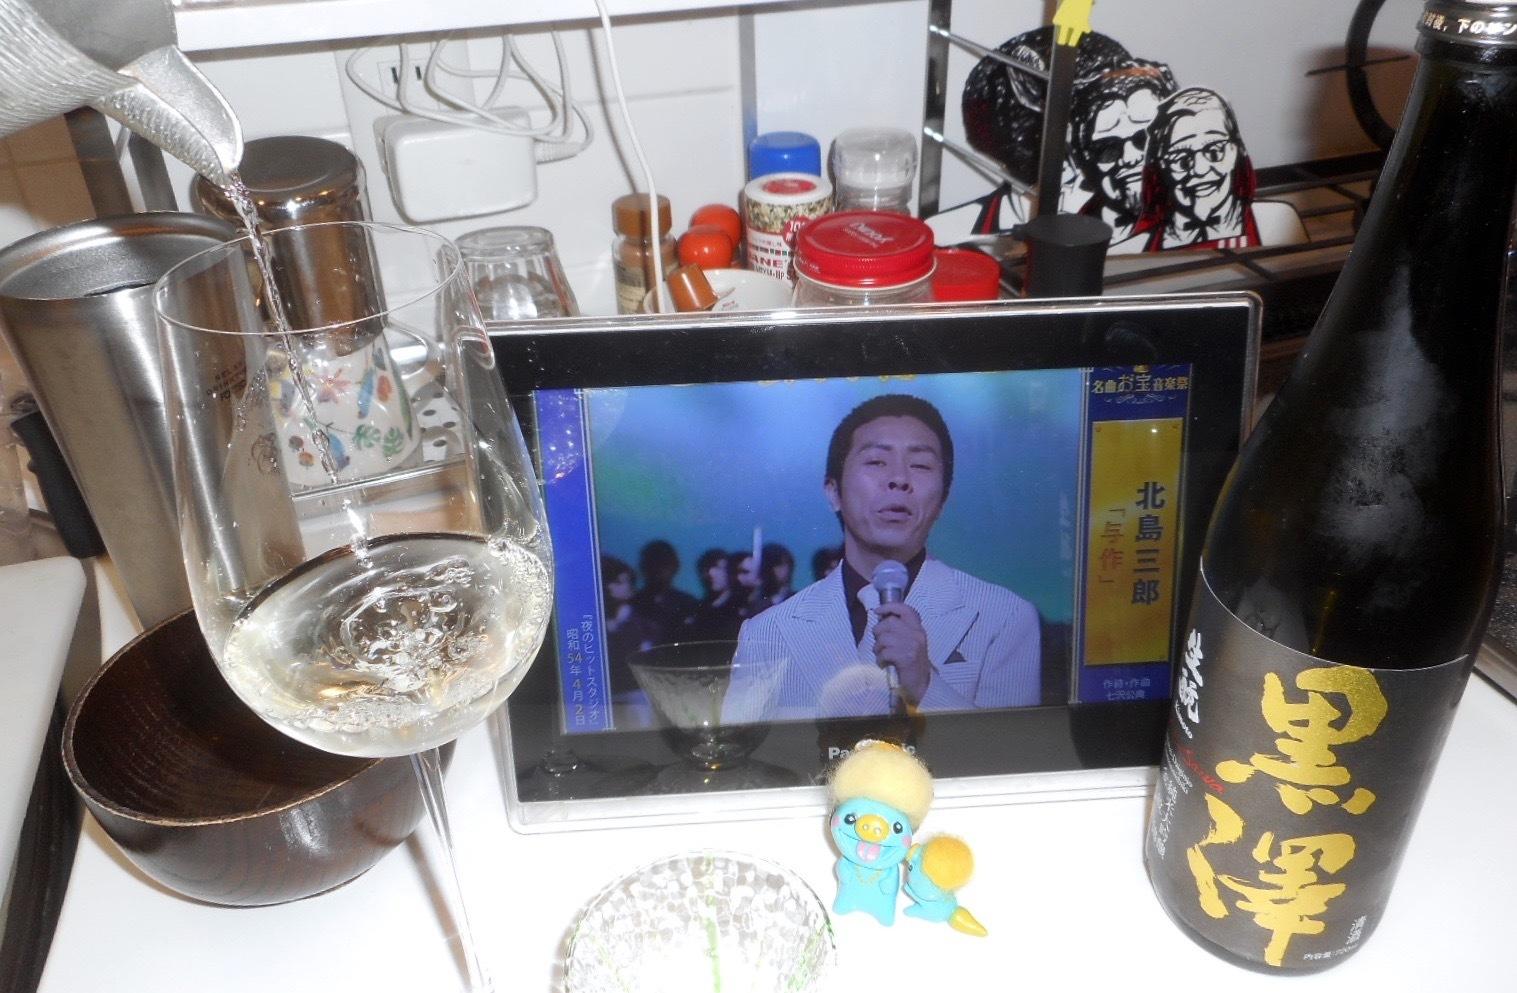 kurosawa_kinmon28by5_4.jpg